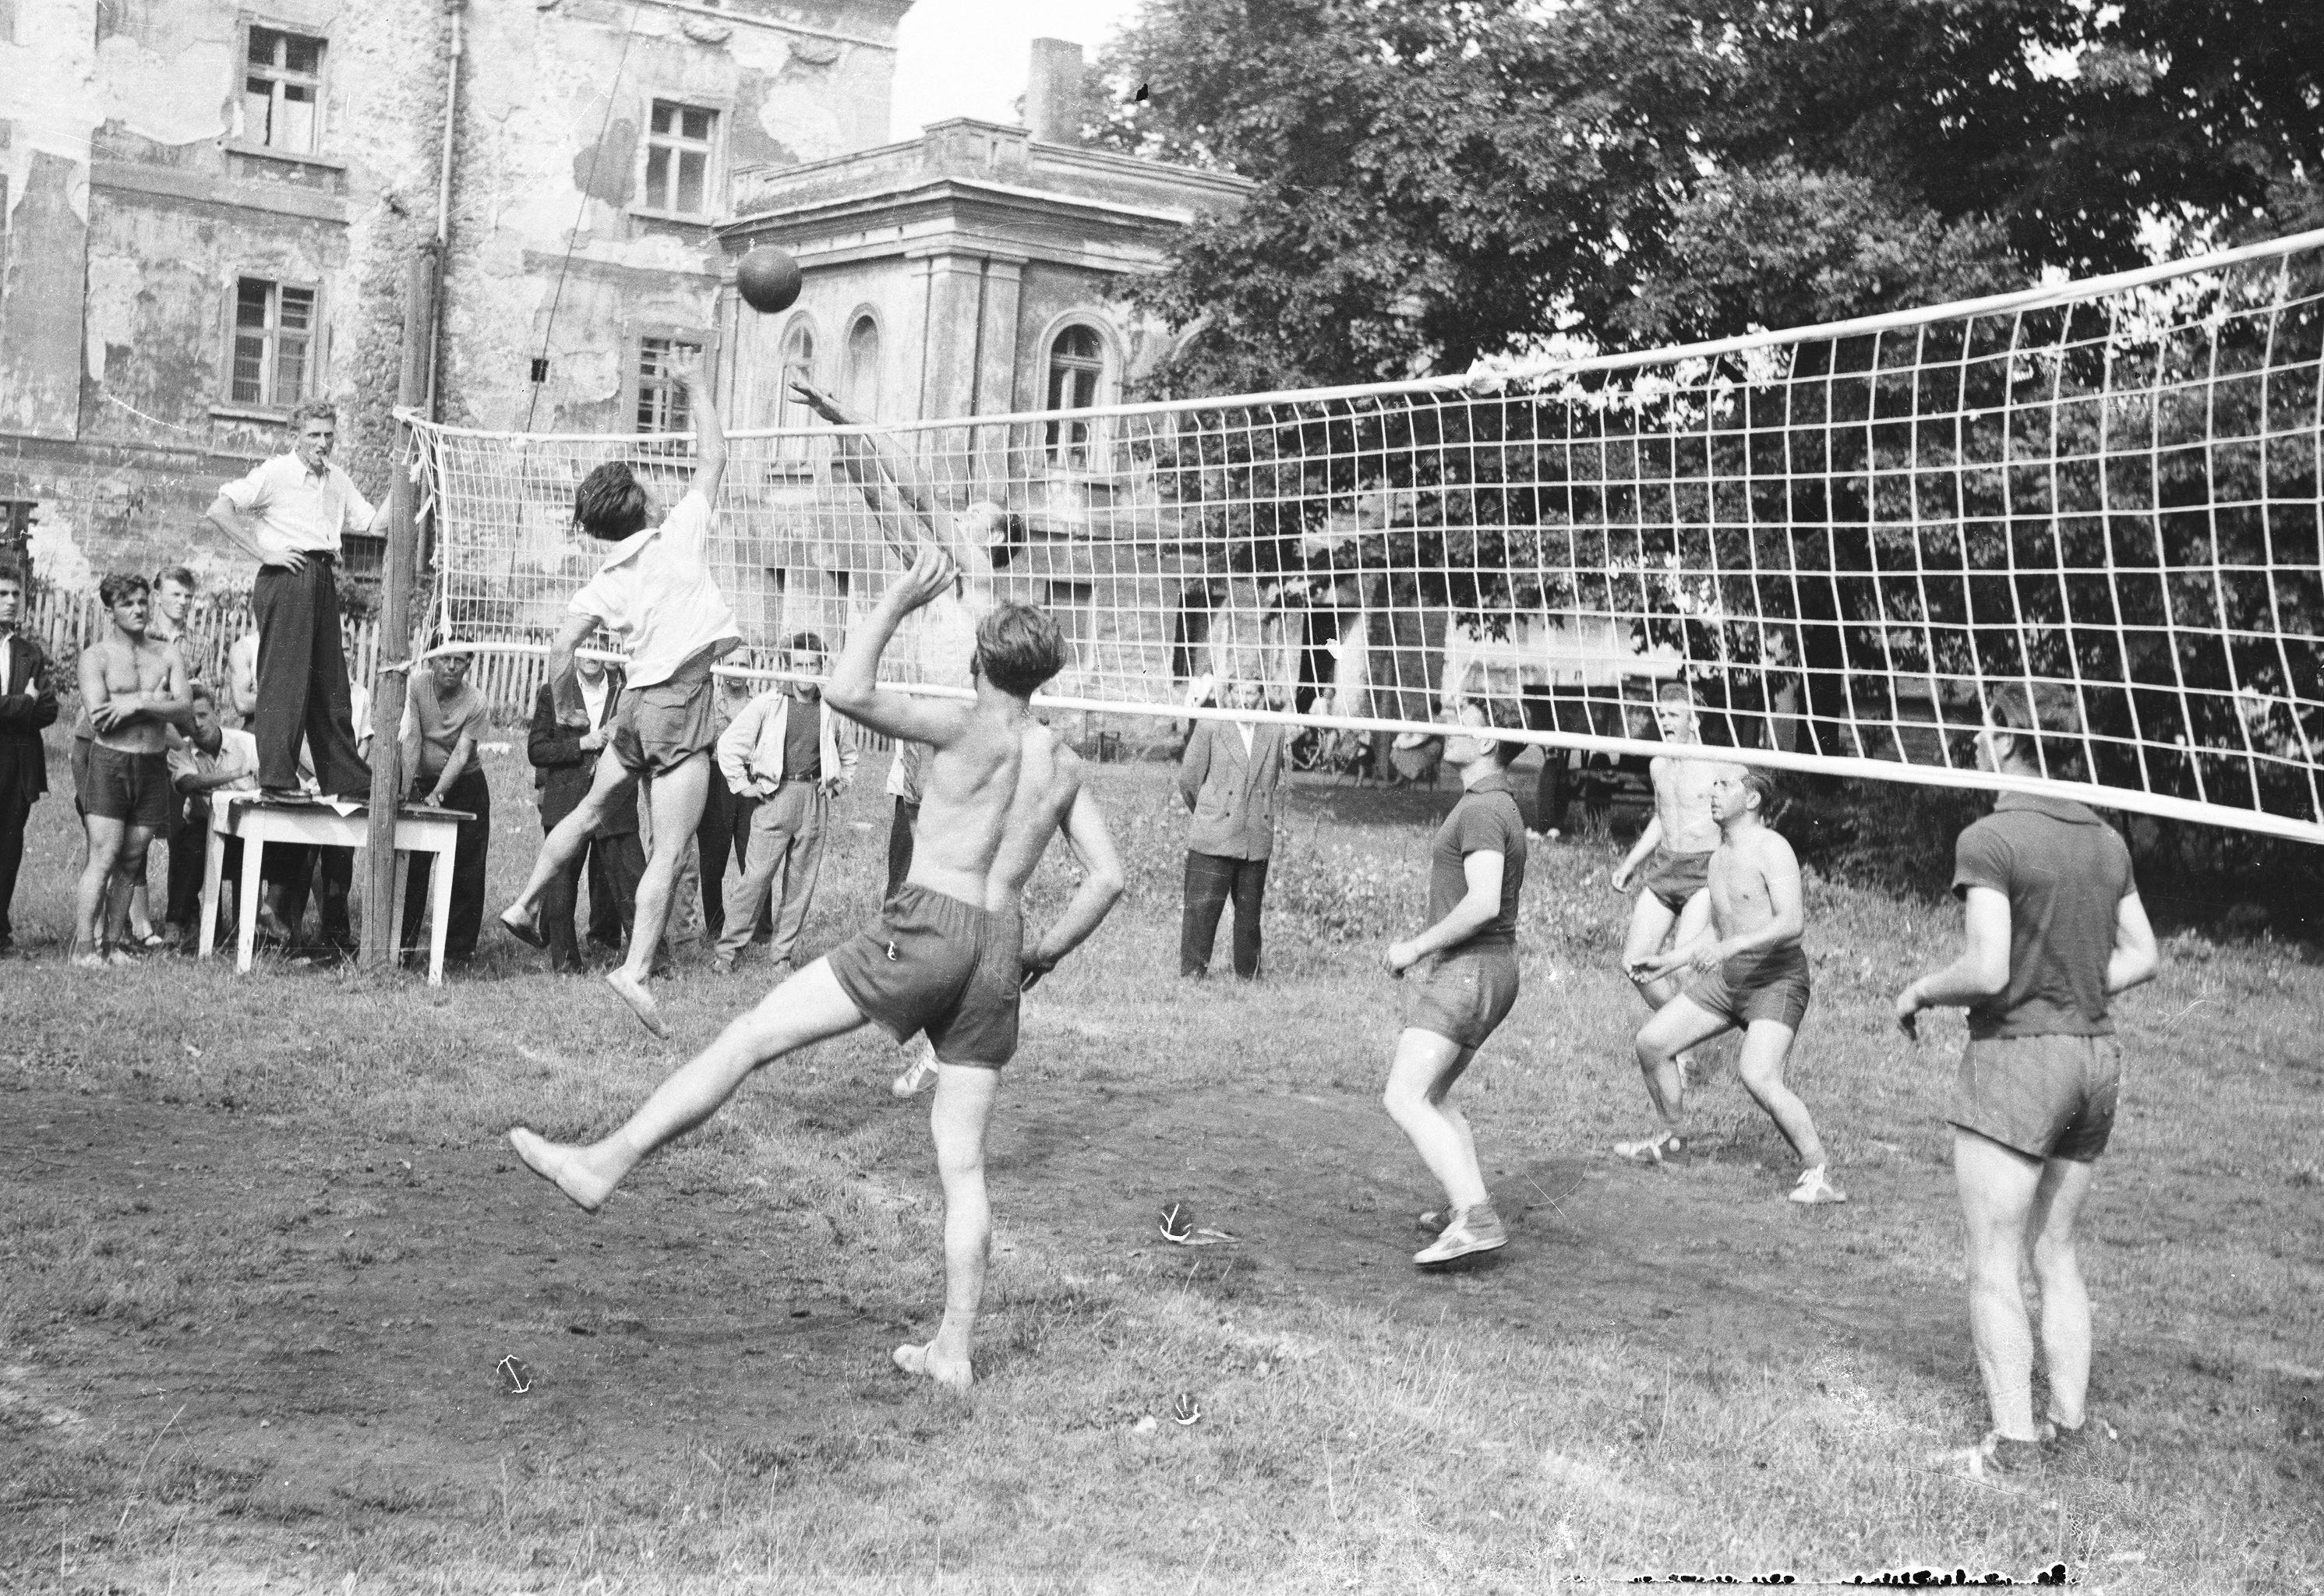 Zawody sportowe między pałacem a parkiem, Brzózka, Dolny Śląsk, lata 50. XX w.